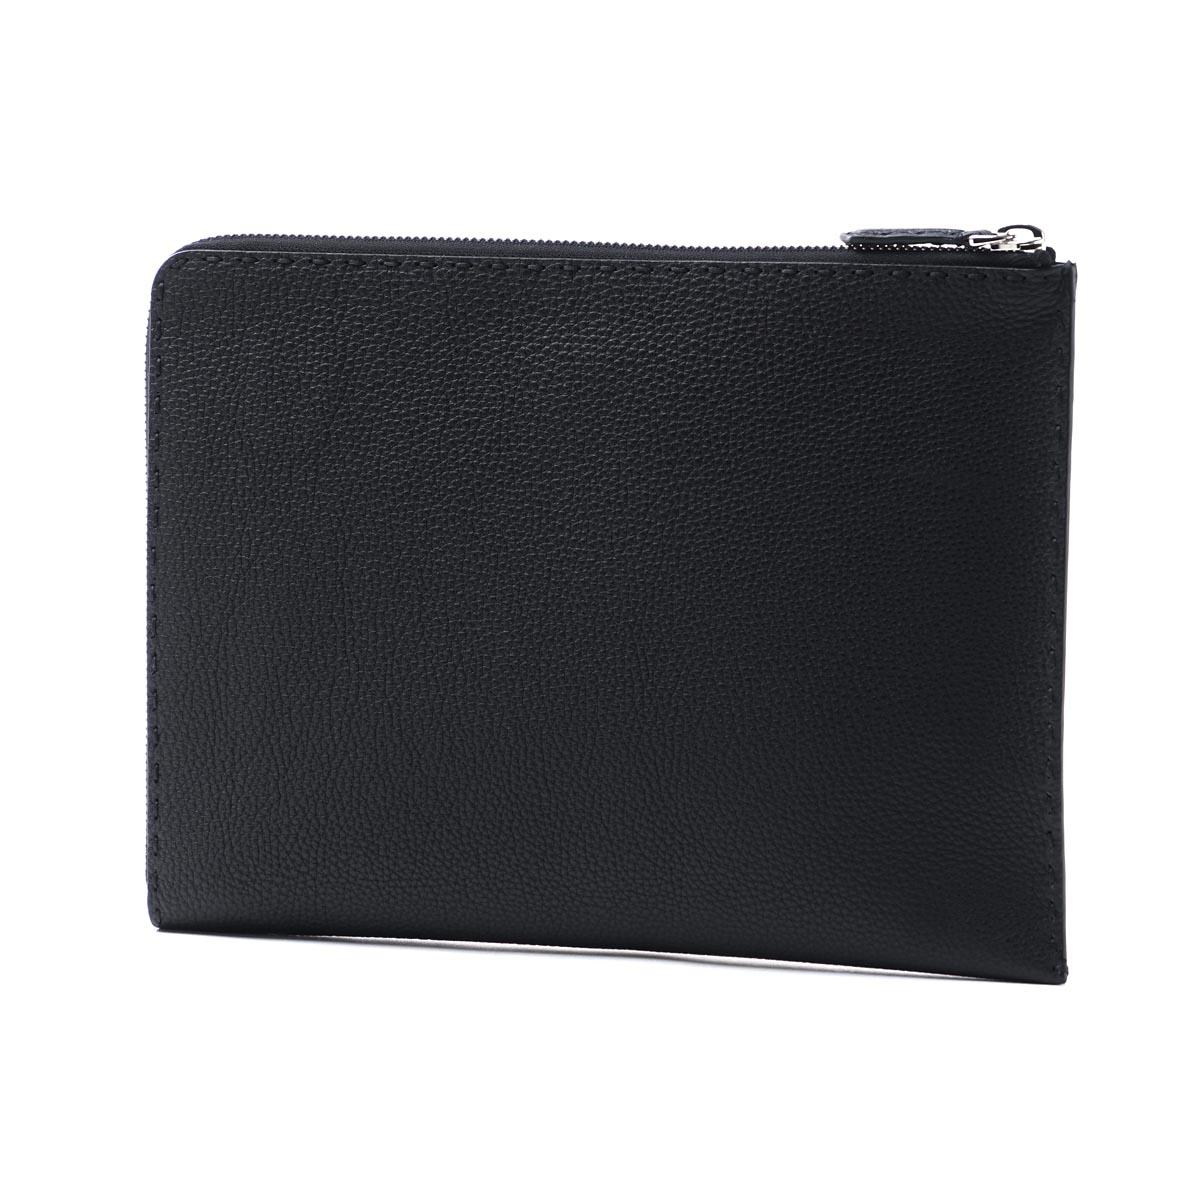 芬迪FENDI離合器袋ROMANO BLACK黑色派7m0225 o7n f0gxn人